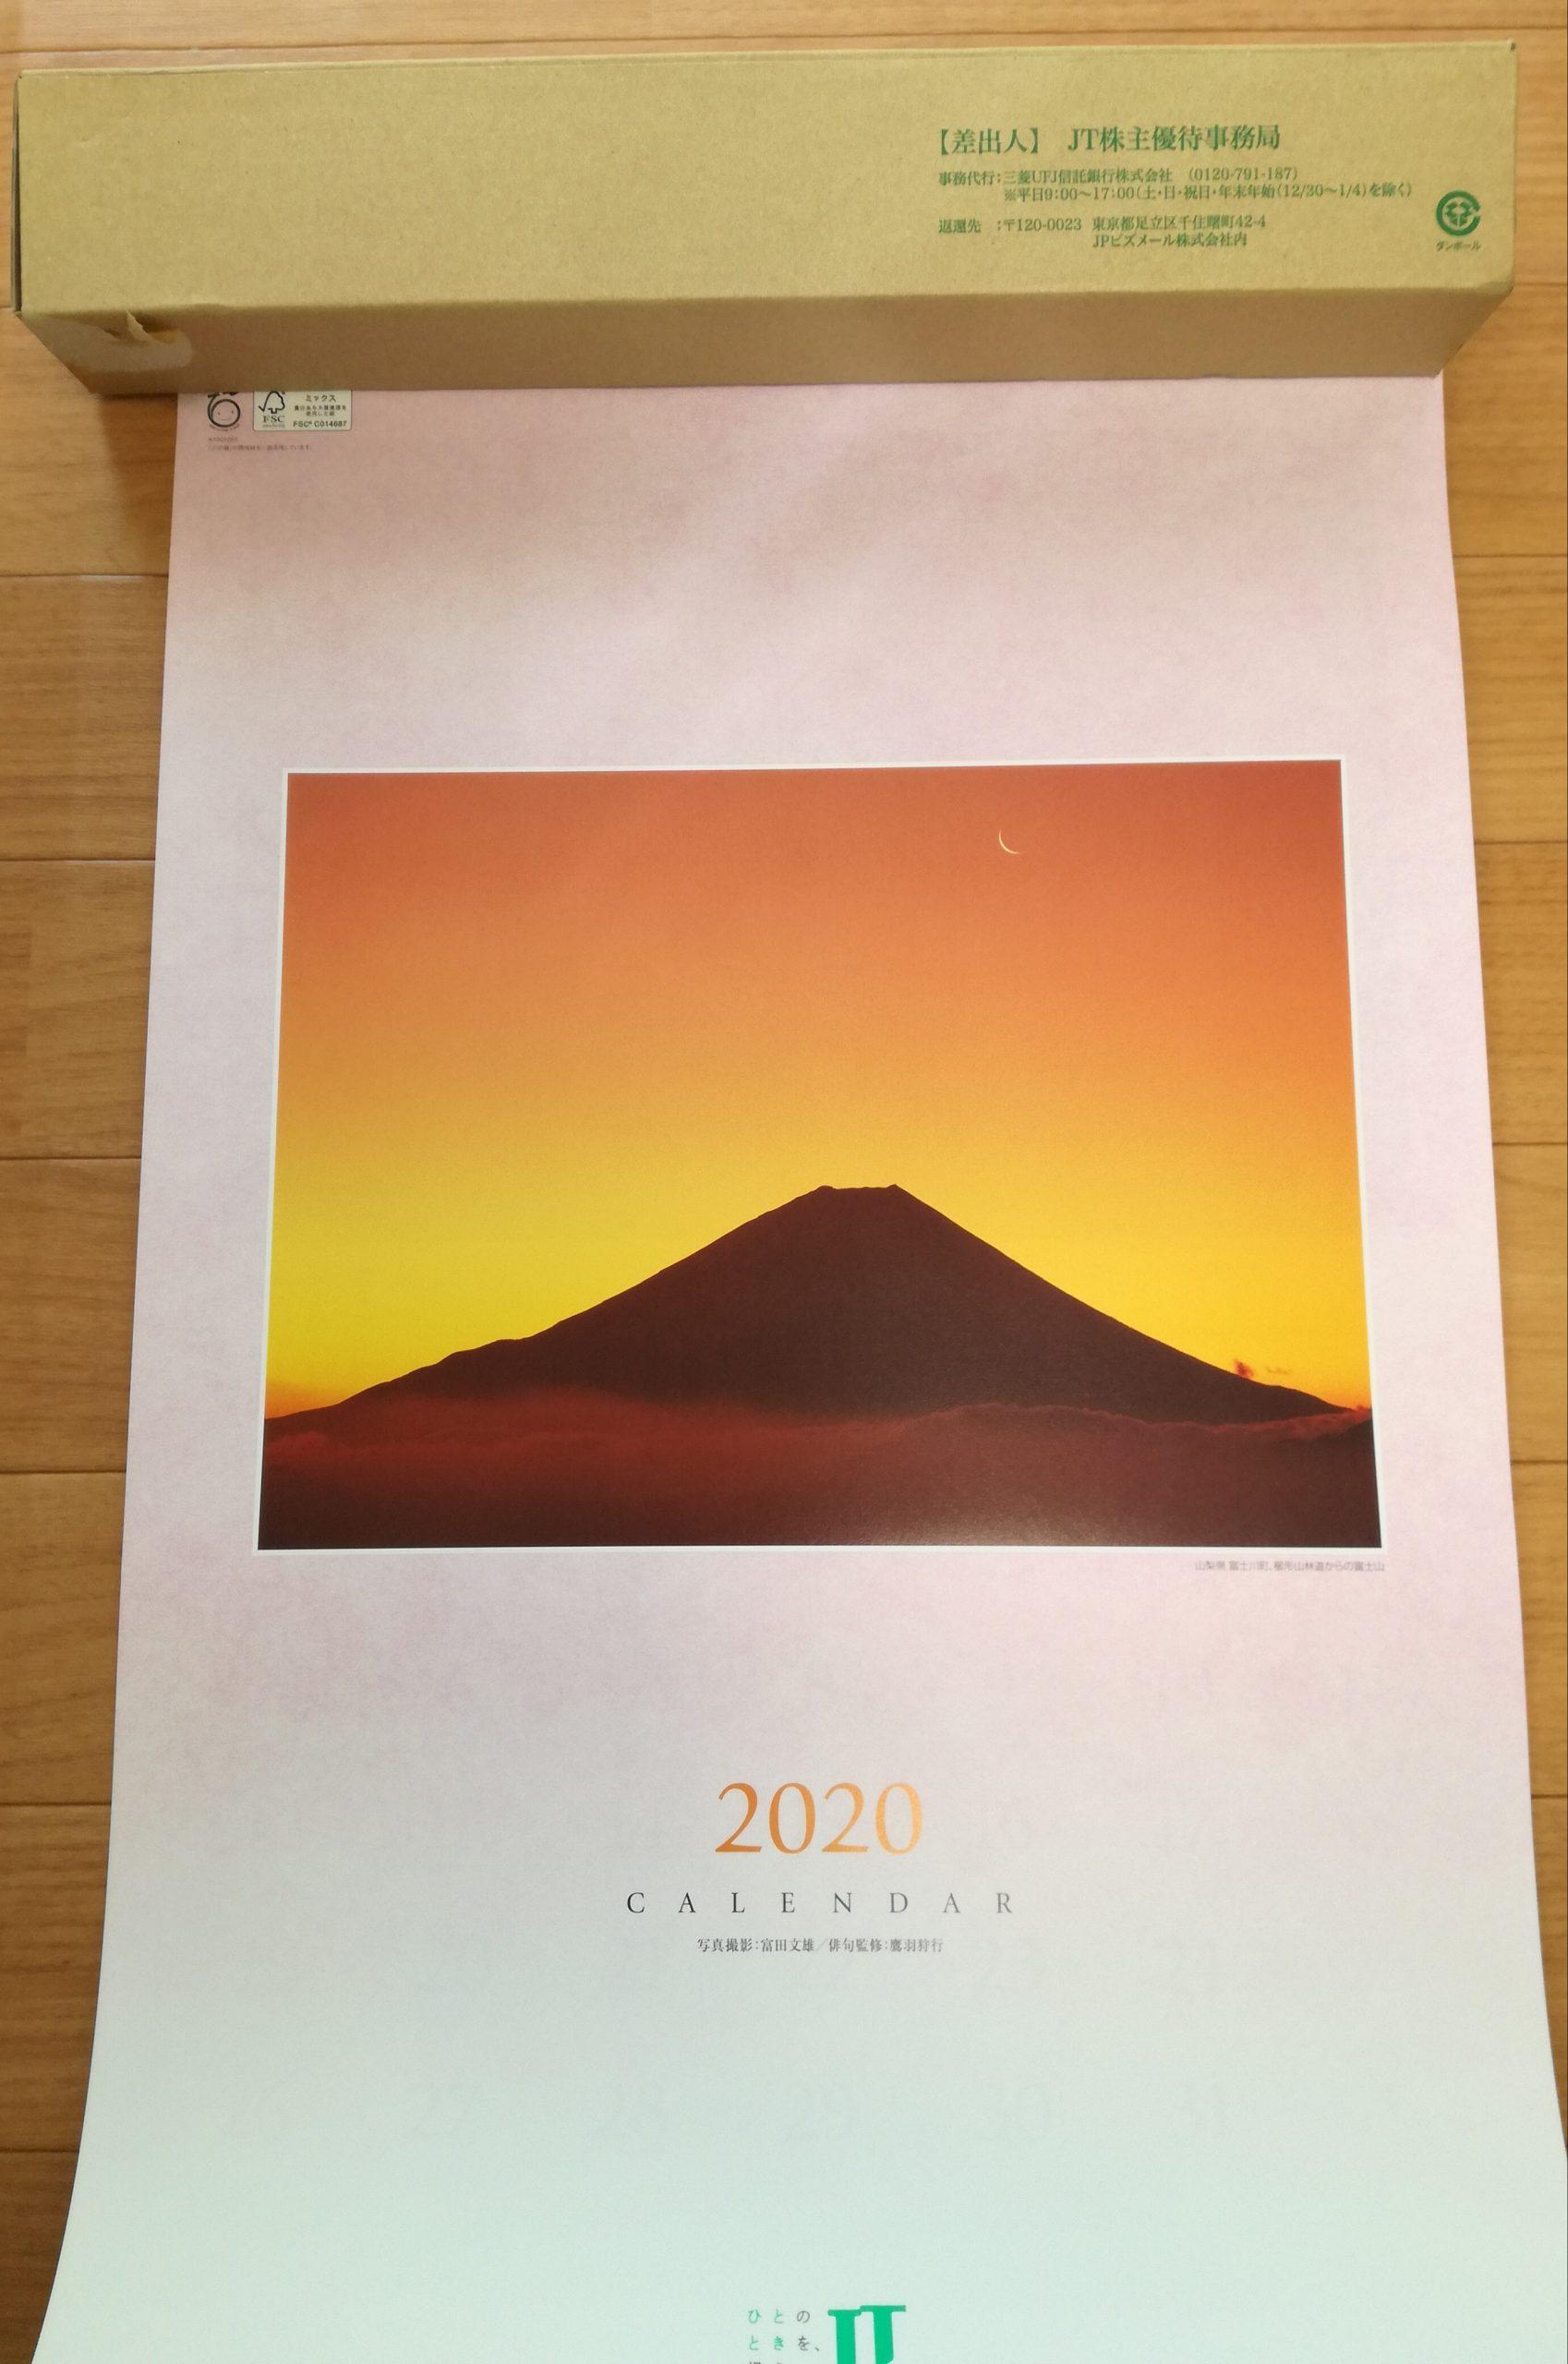 含み損12万円の日本たばこ産業/JT(2914)から隠れ優待のカレンダーが到着!